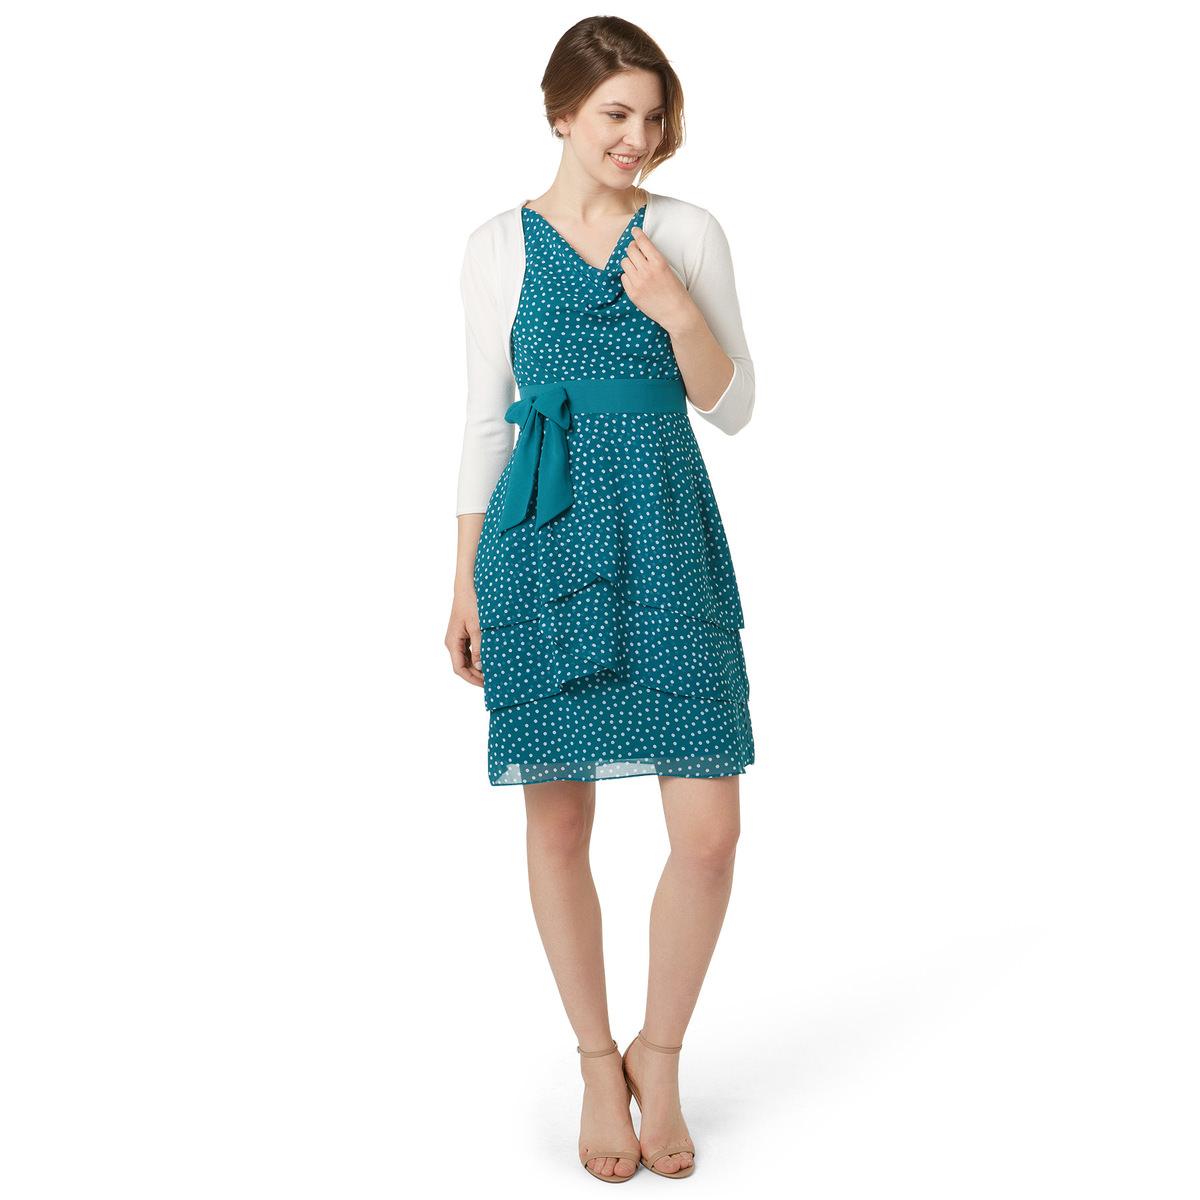 Kleid mit Volants-Saum in teal green